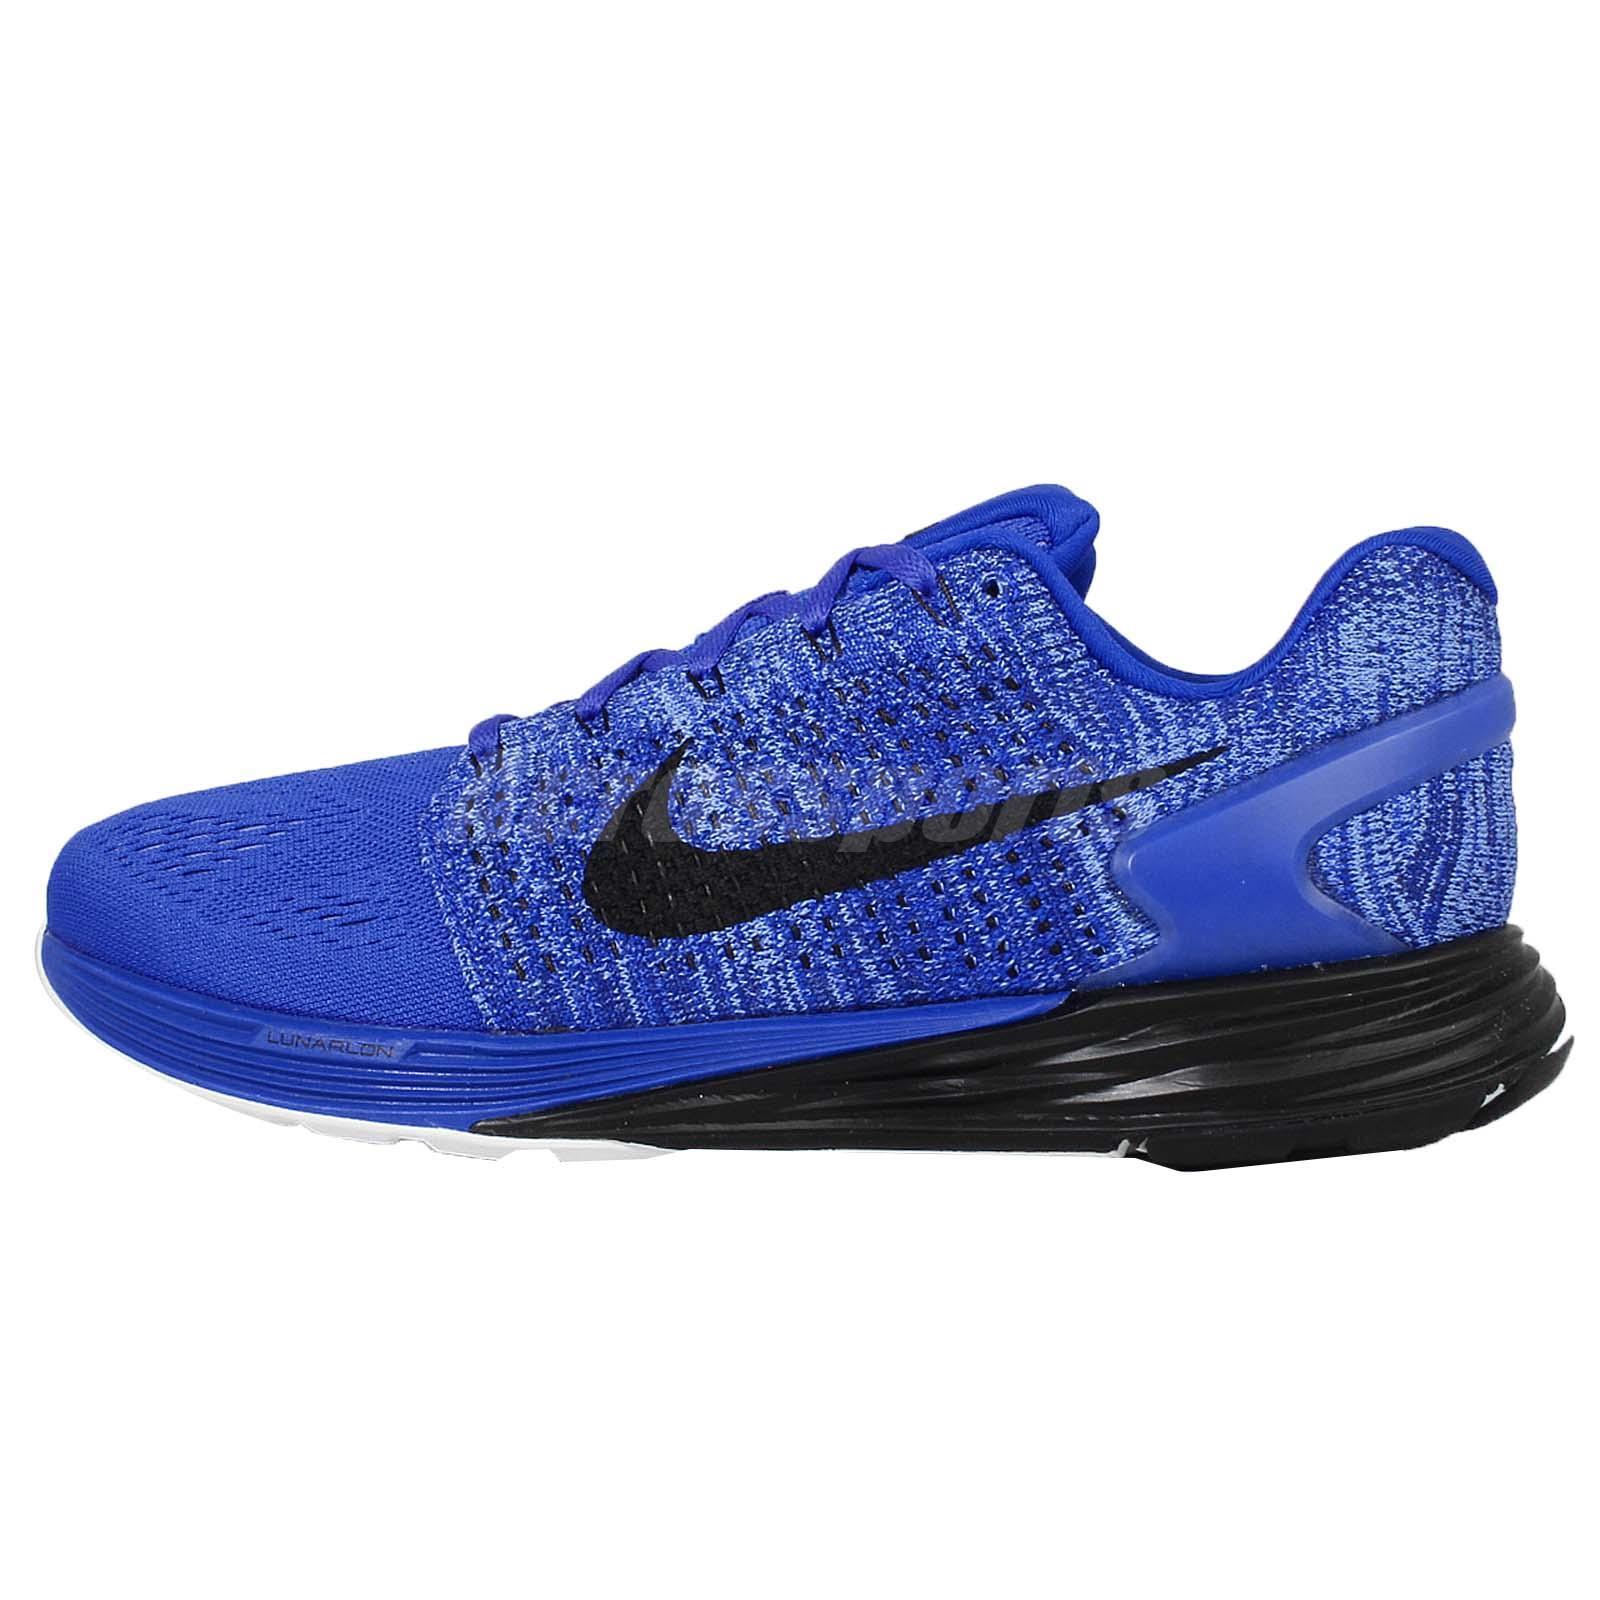 nike lunarglide 7 vii racer blue black mens running shoes. Black Bedroom Furniture Sets. Home Design Ideas